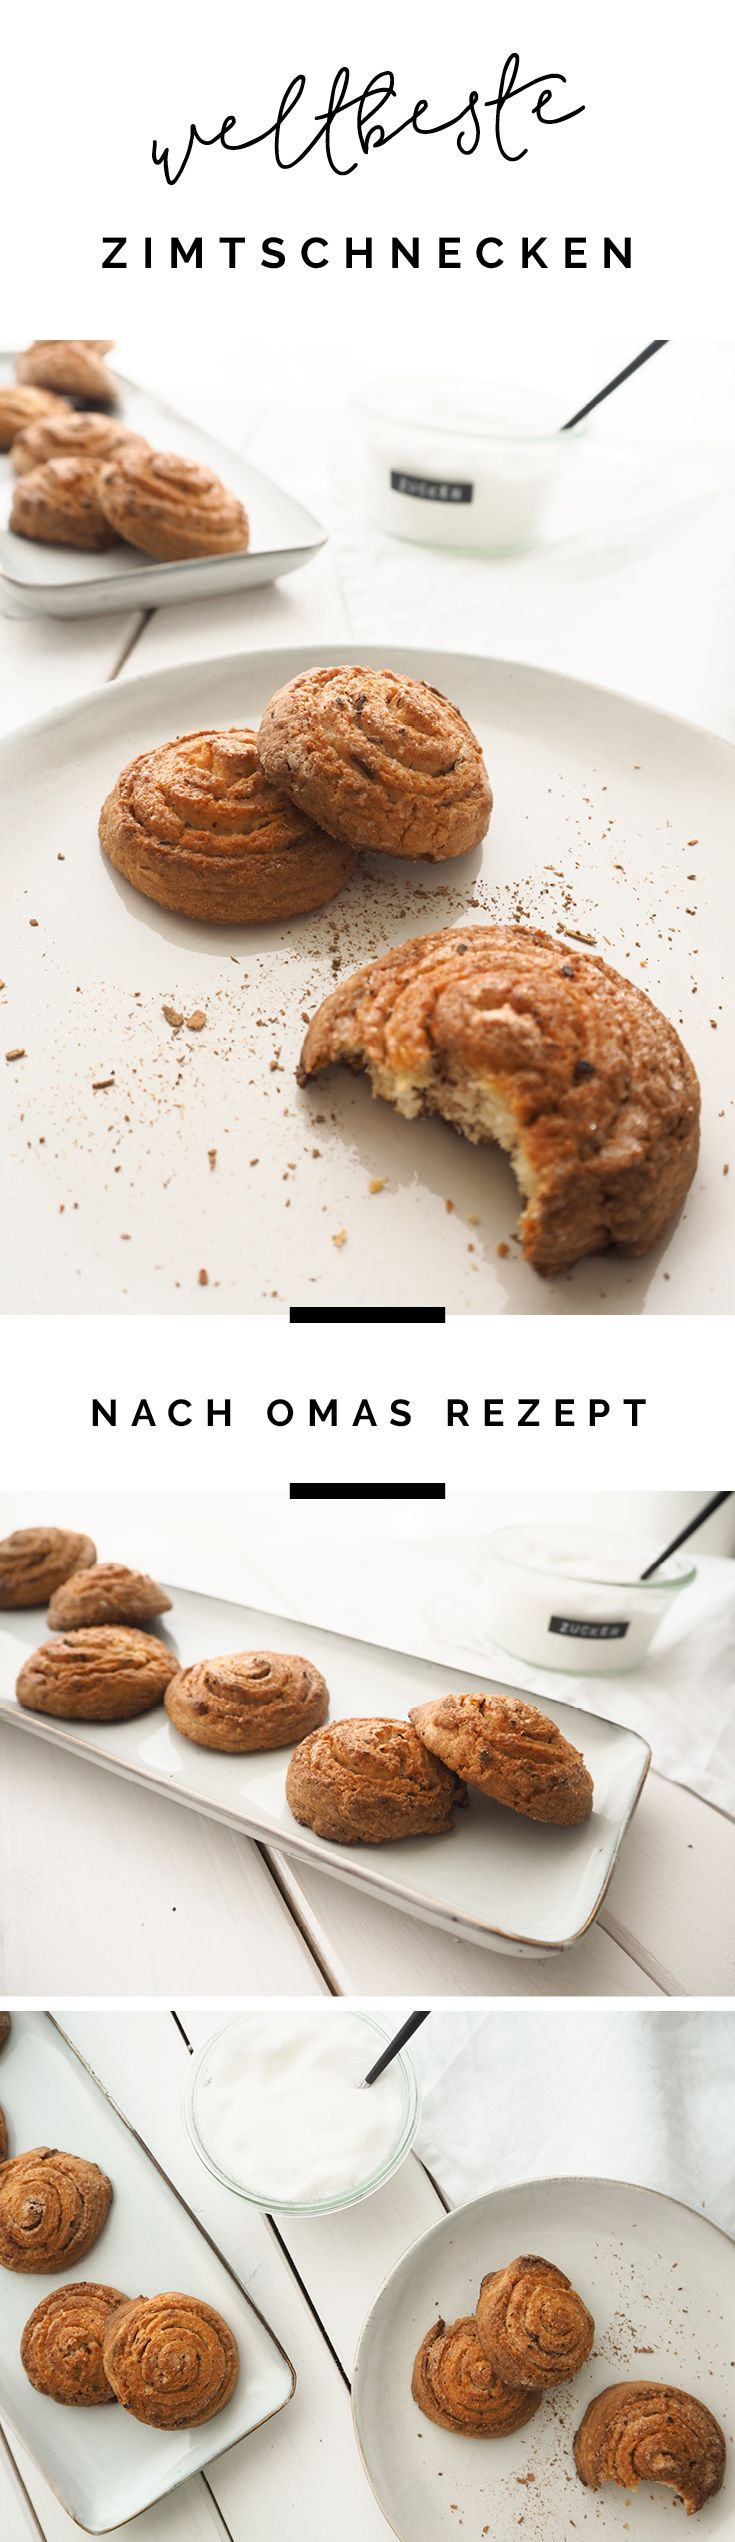 Das weltbeste Rezept für Zimtschnecken von meiner Oma. Ohne Hefeteig! Via sodapop-design.de